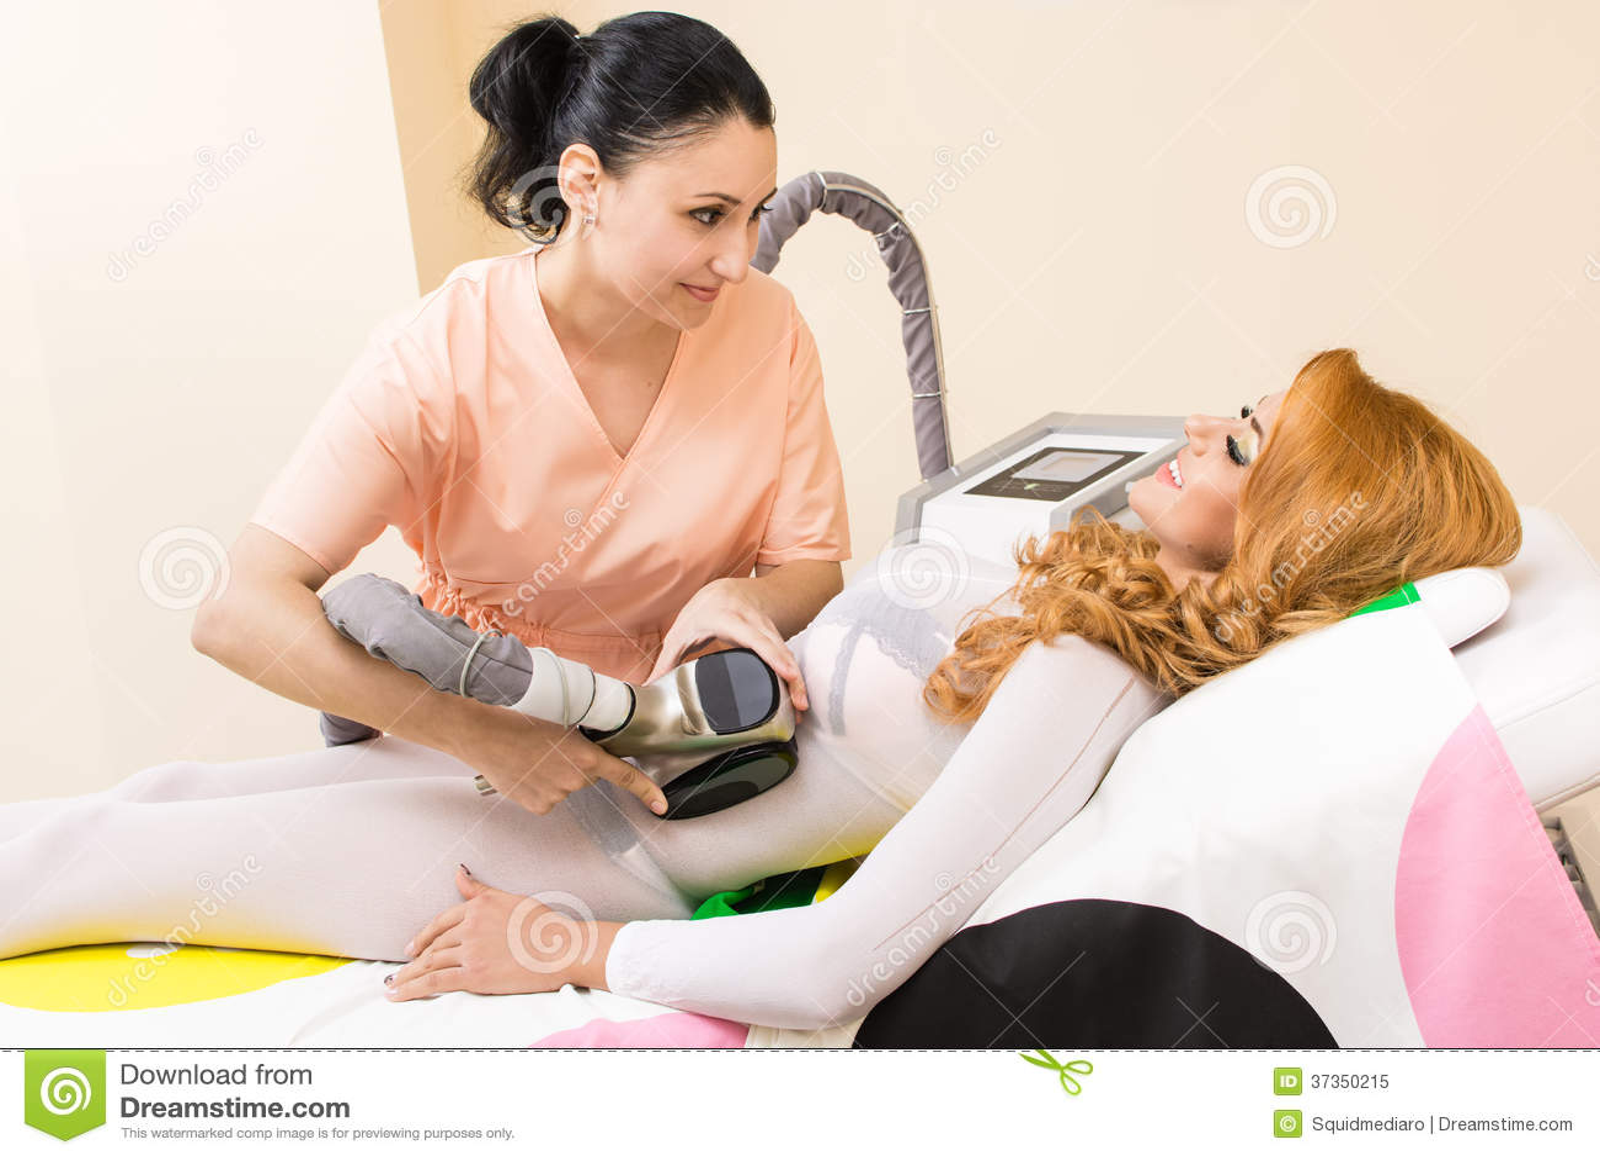 Transdermal massage